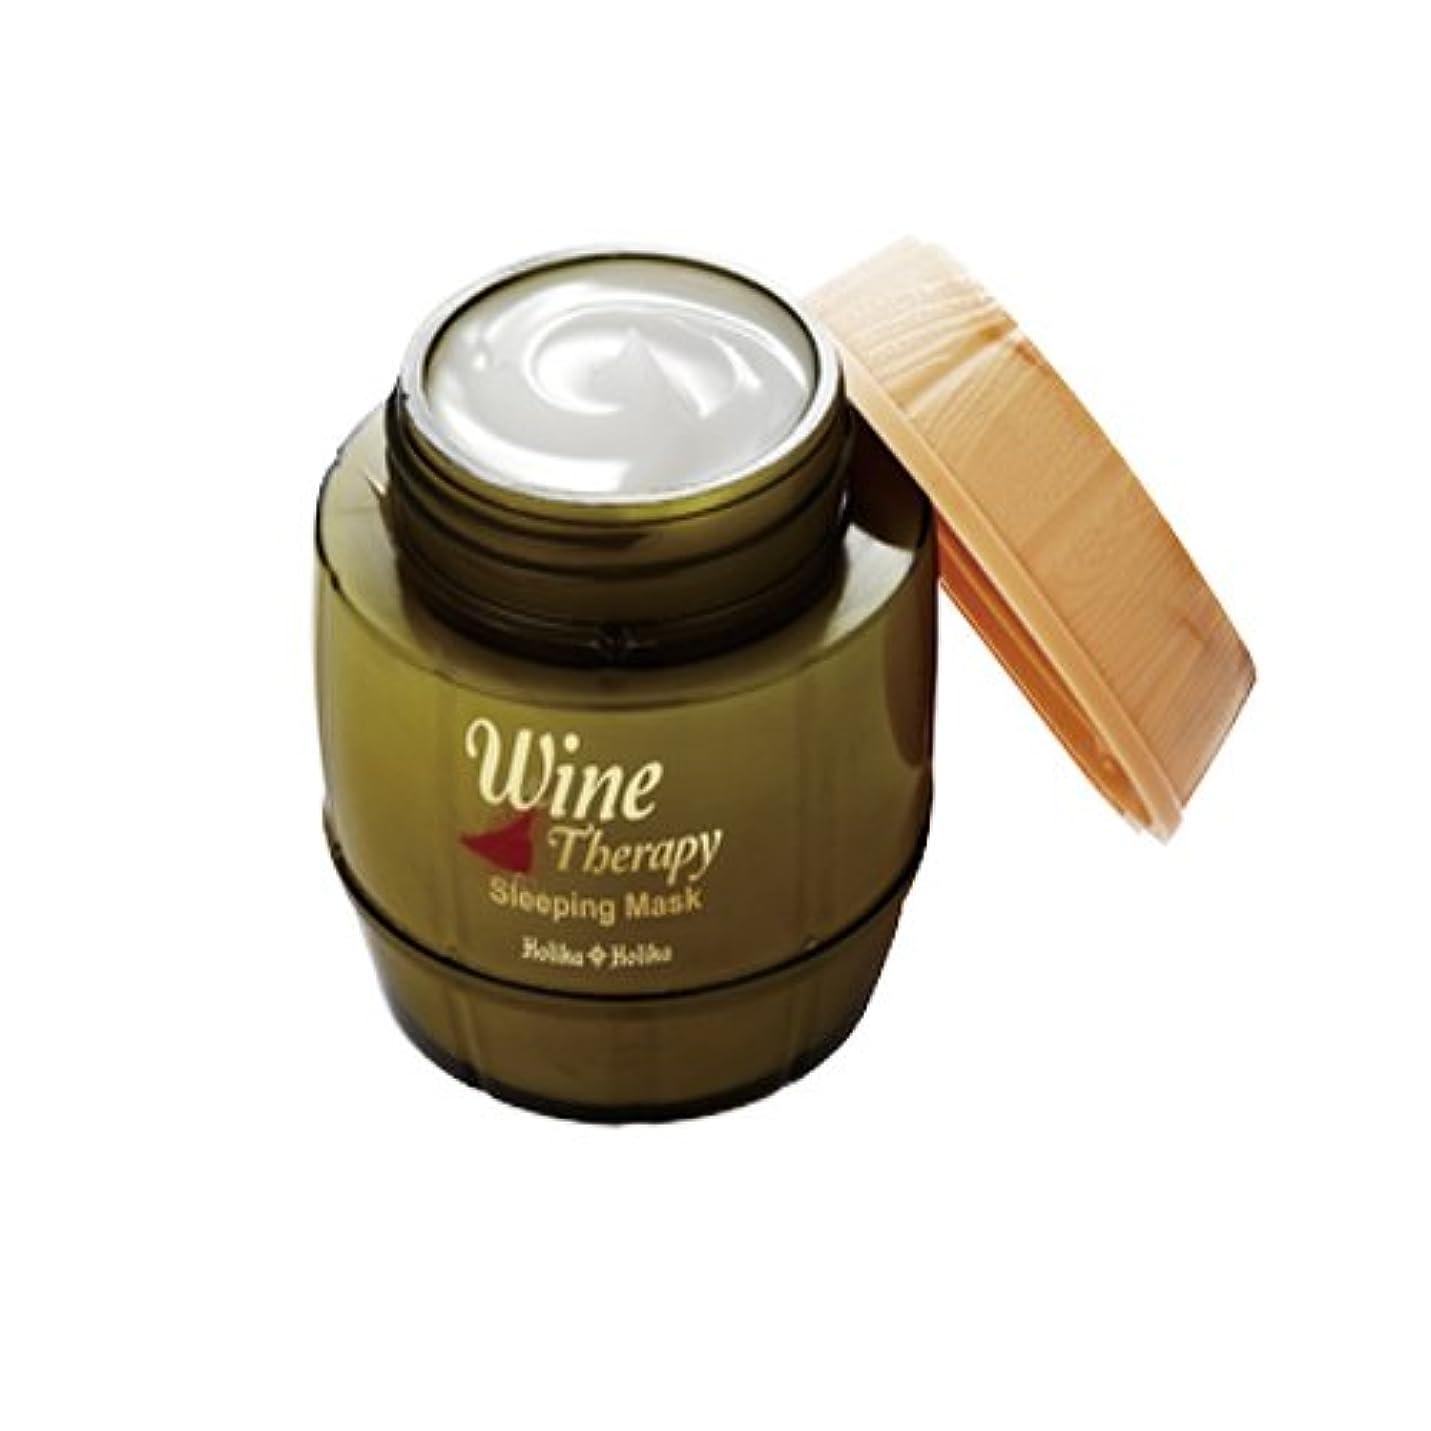 [ホリカホリカ/Holika Holika]ワインテラピー スリーピング マスクパック[ホワイトワイン スリーピングパック][HONEST SKIN 海外直送品]